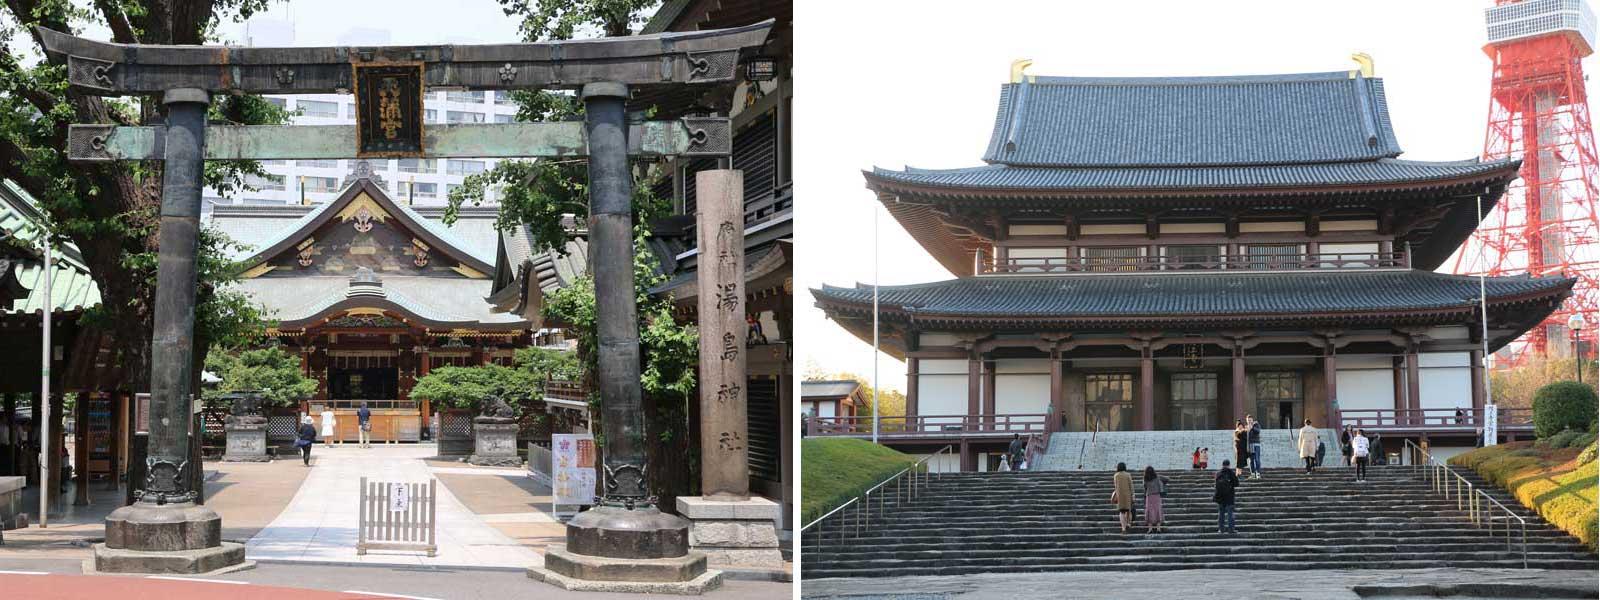 増上寺は徳川家の菩提寺。湯島天神は関東を代表する天満宮。